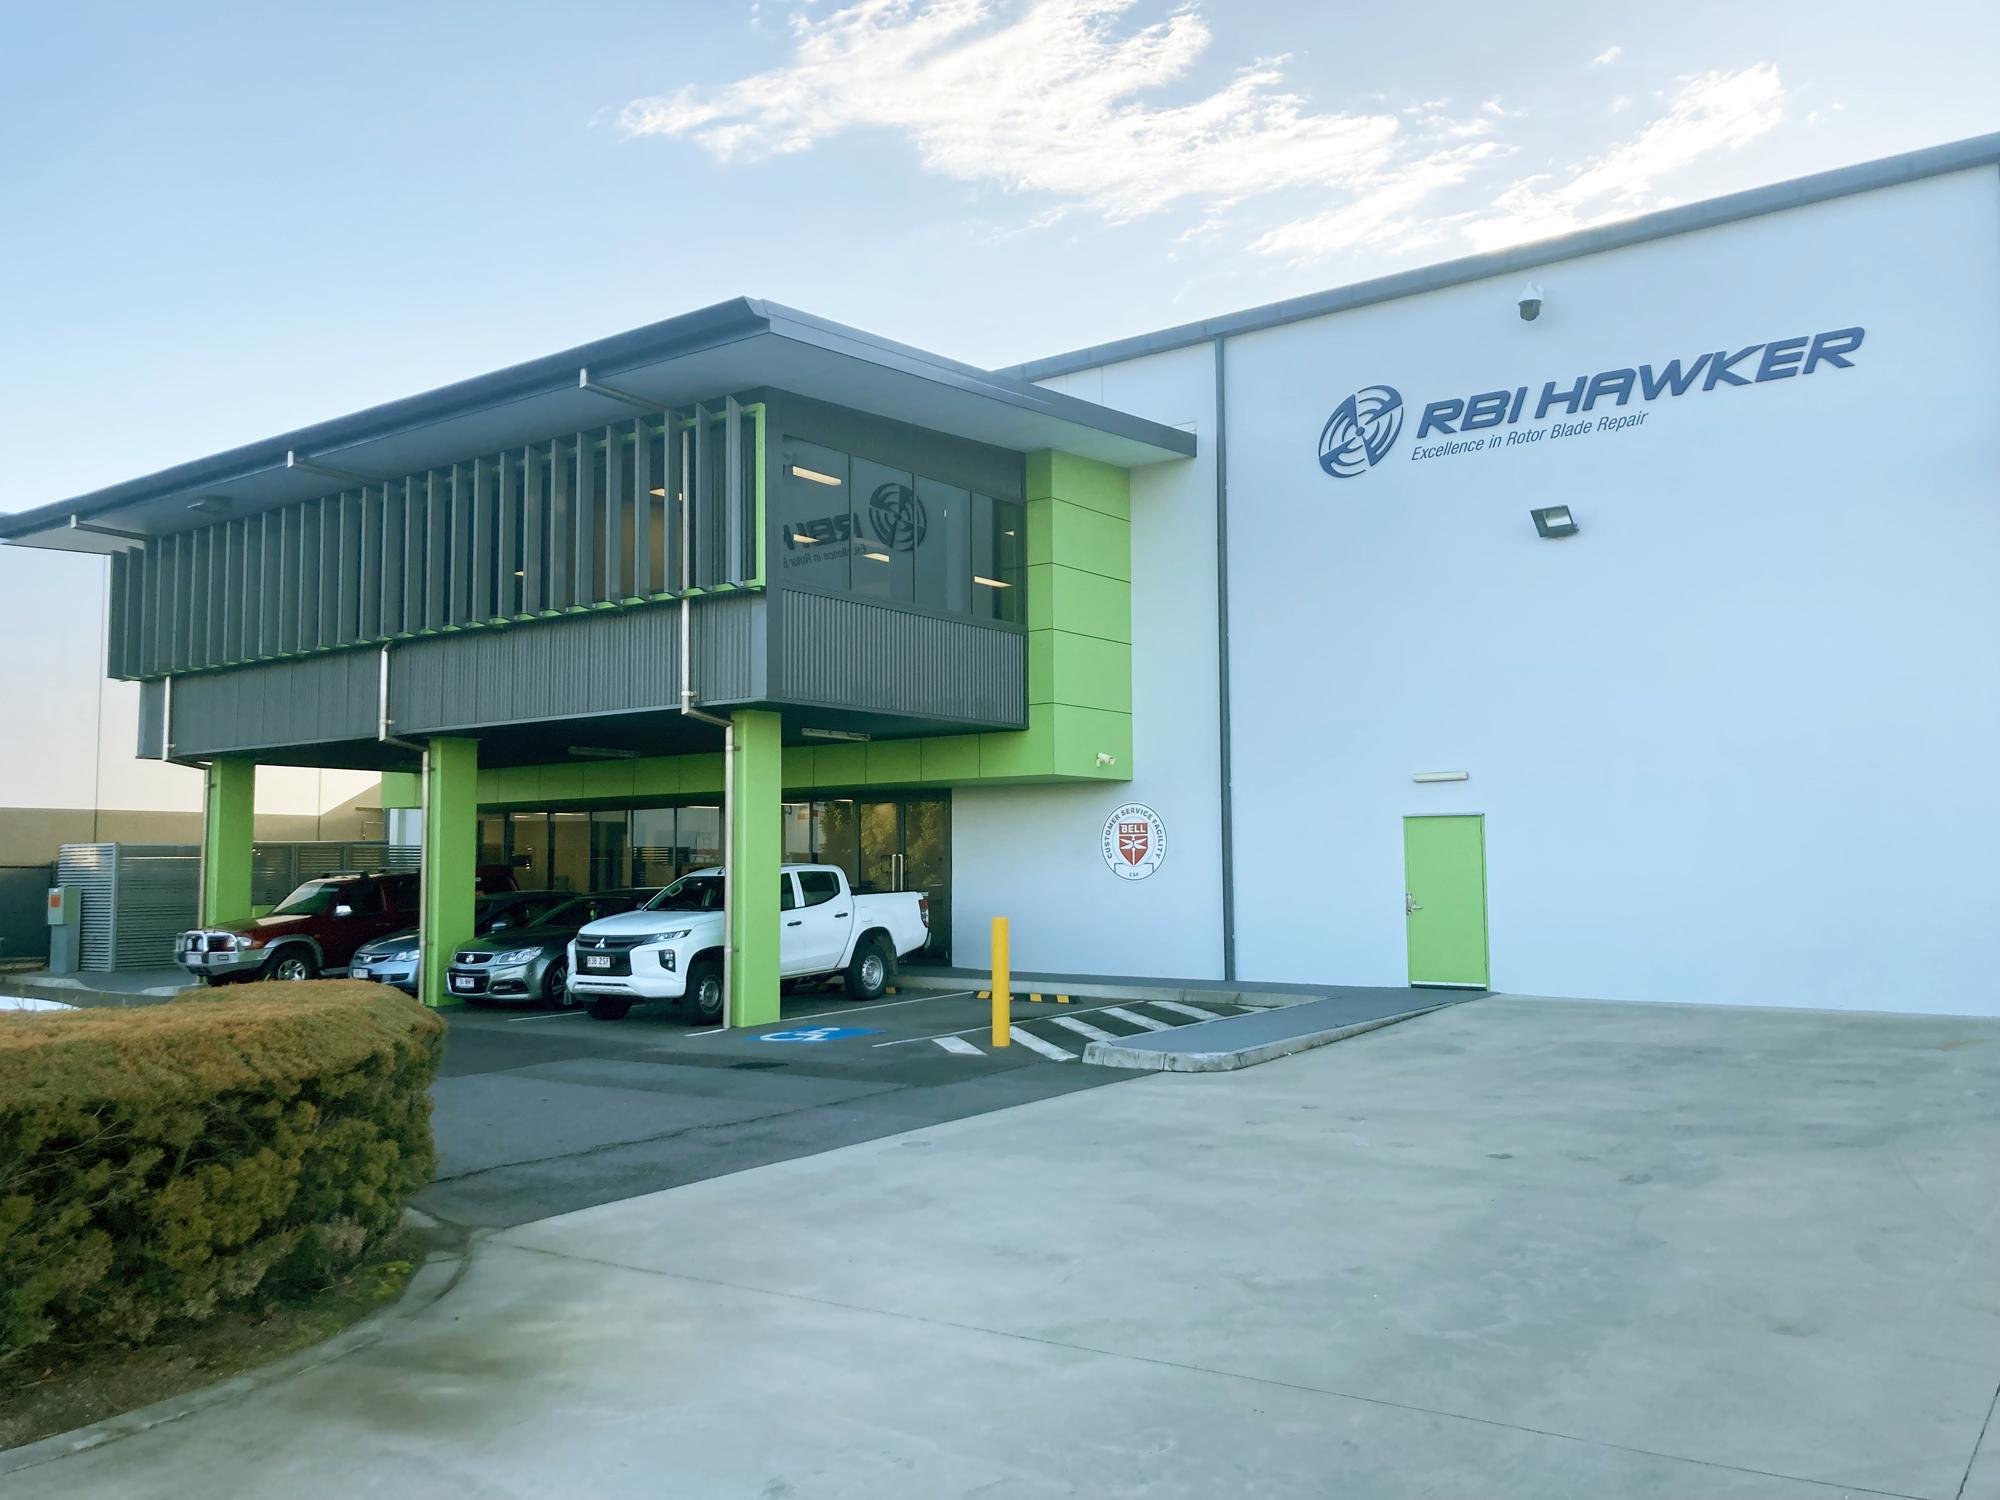 Bell RBI Hawker Australia